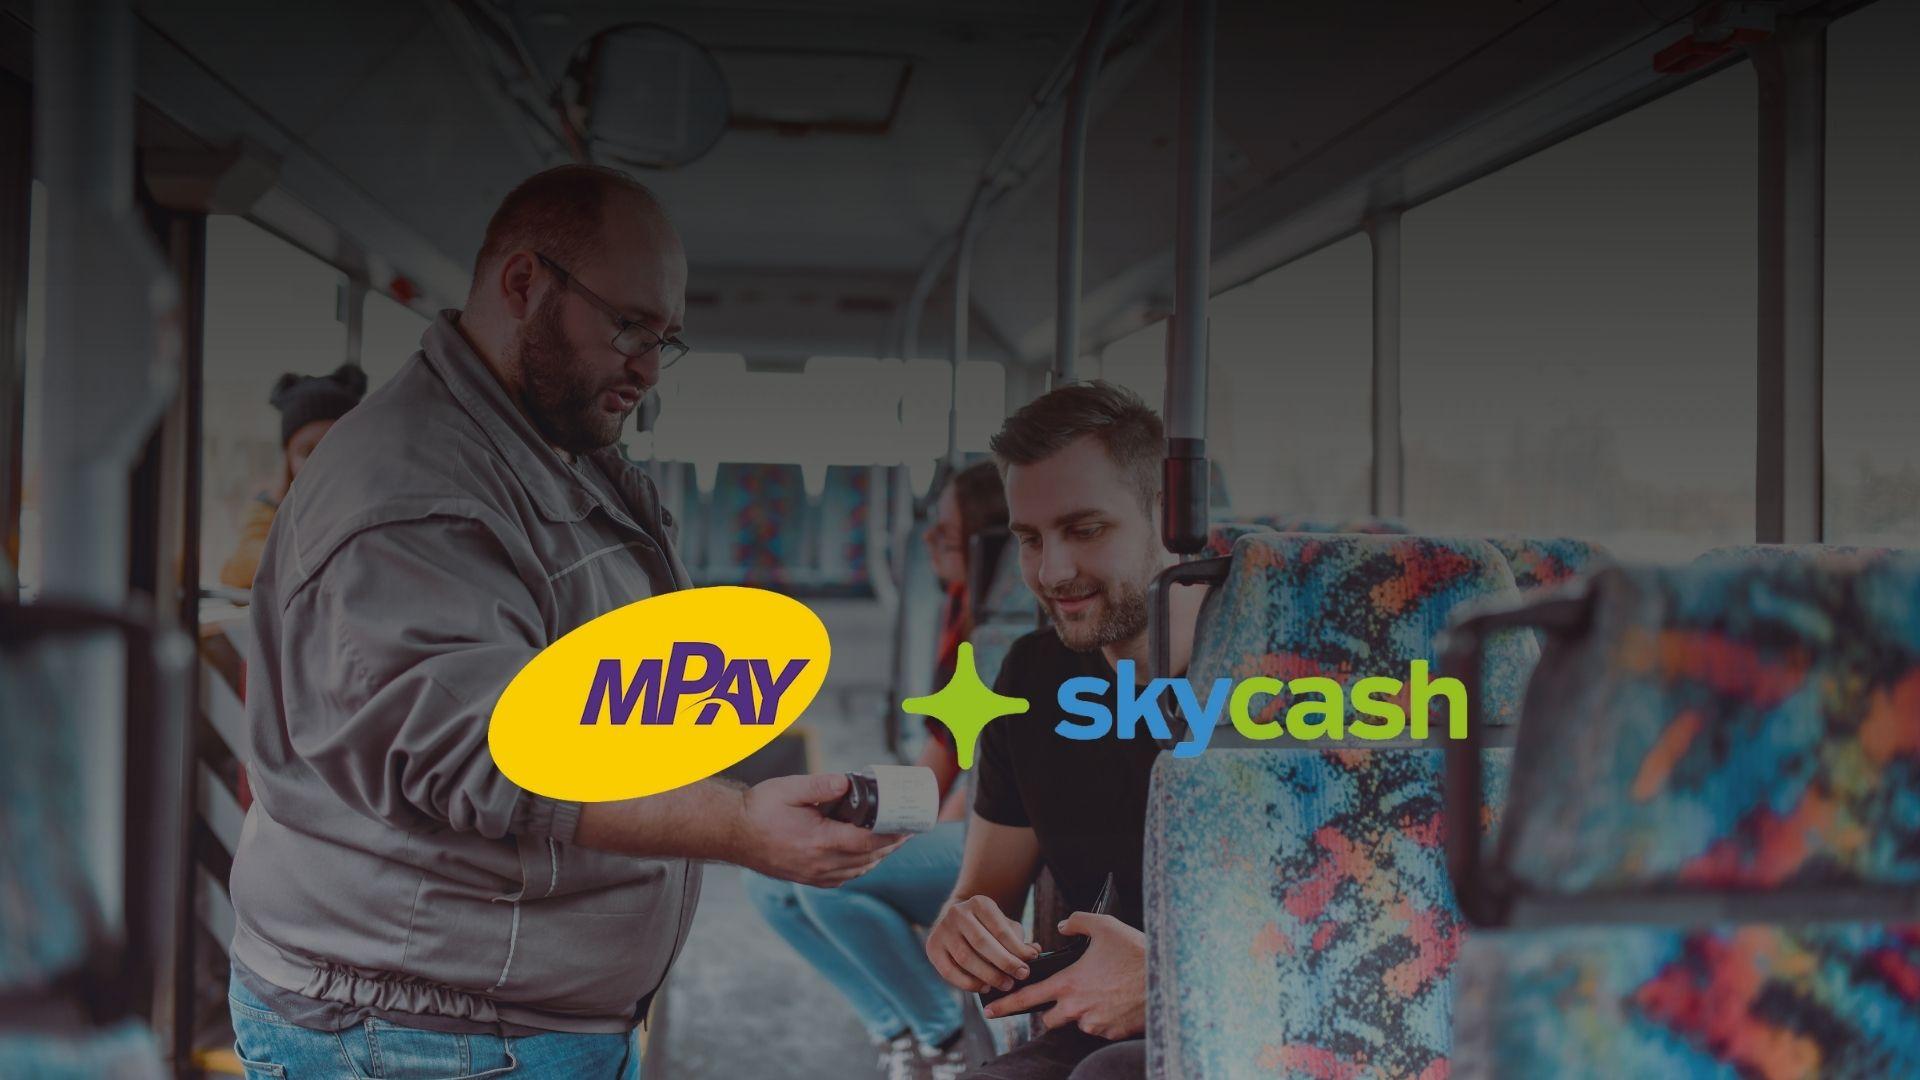 Як купувати квиток на громадський транспорт у Польщі